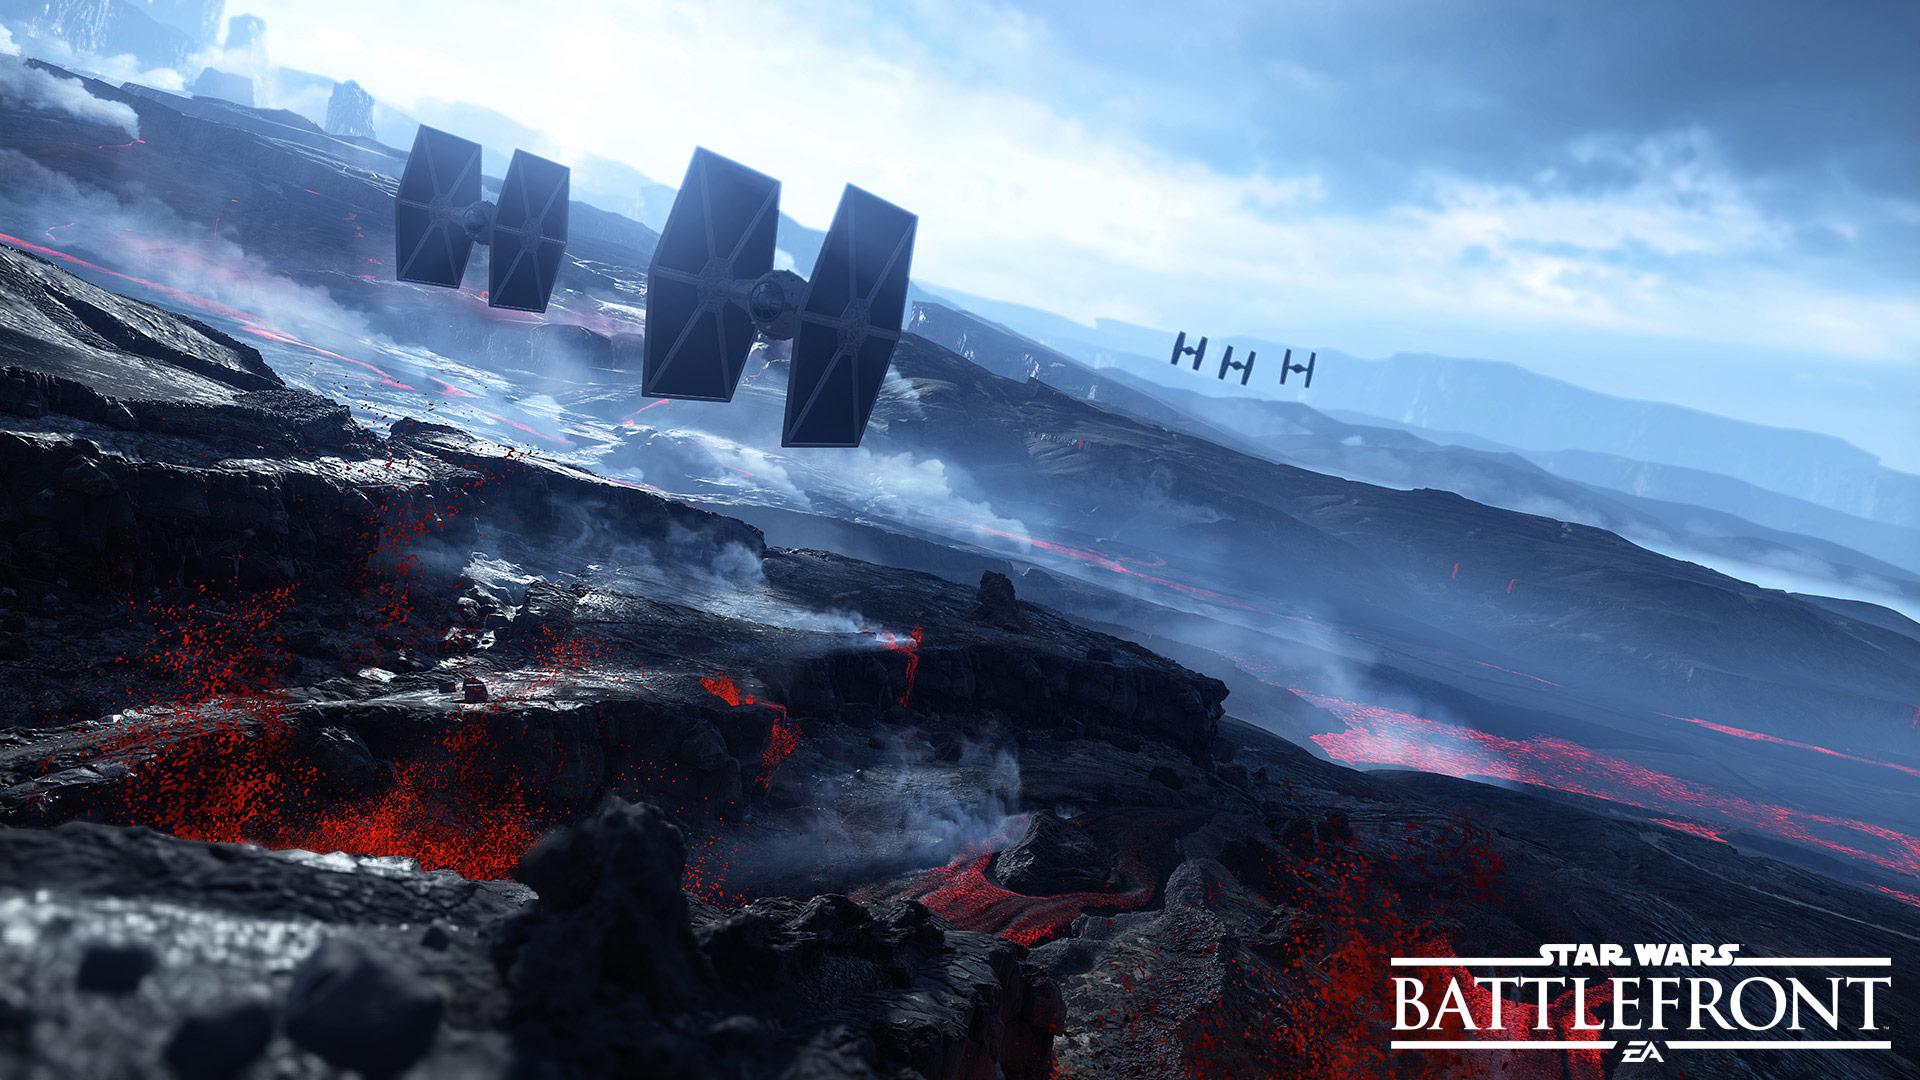 Sullust for Star Wars Battlefront   Star Wars   Official EA Site 1920x1080